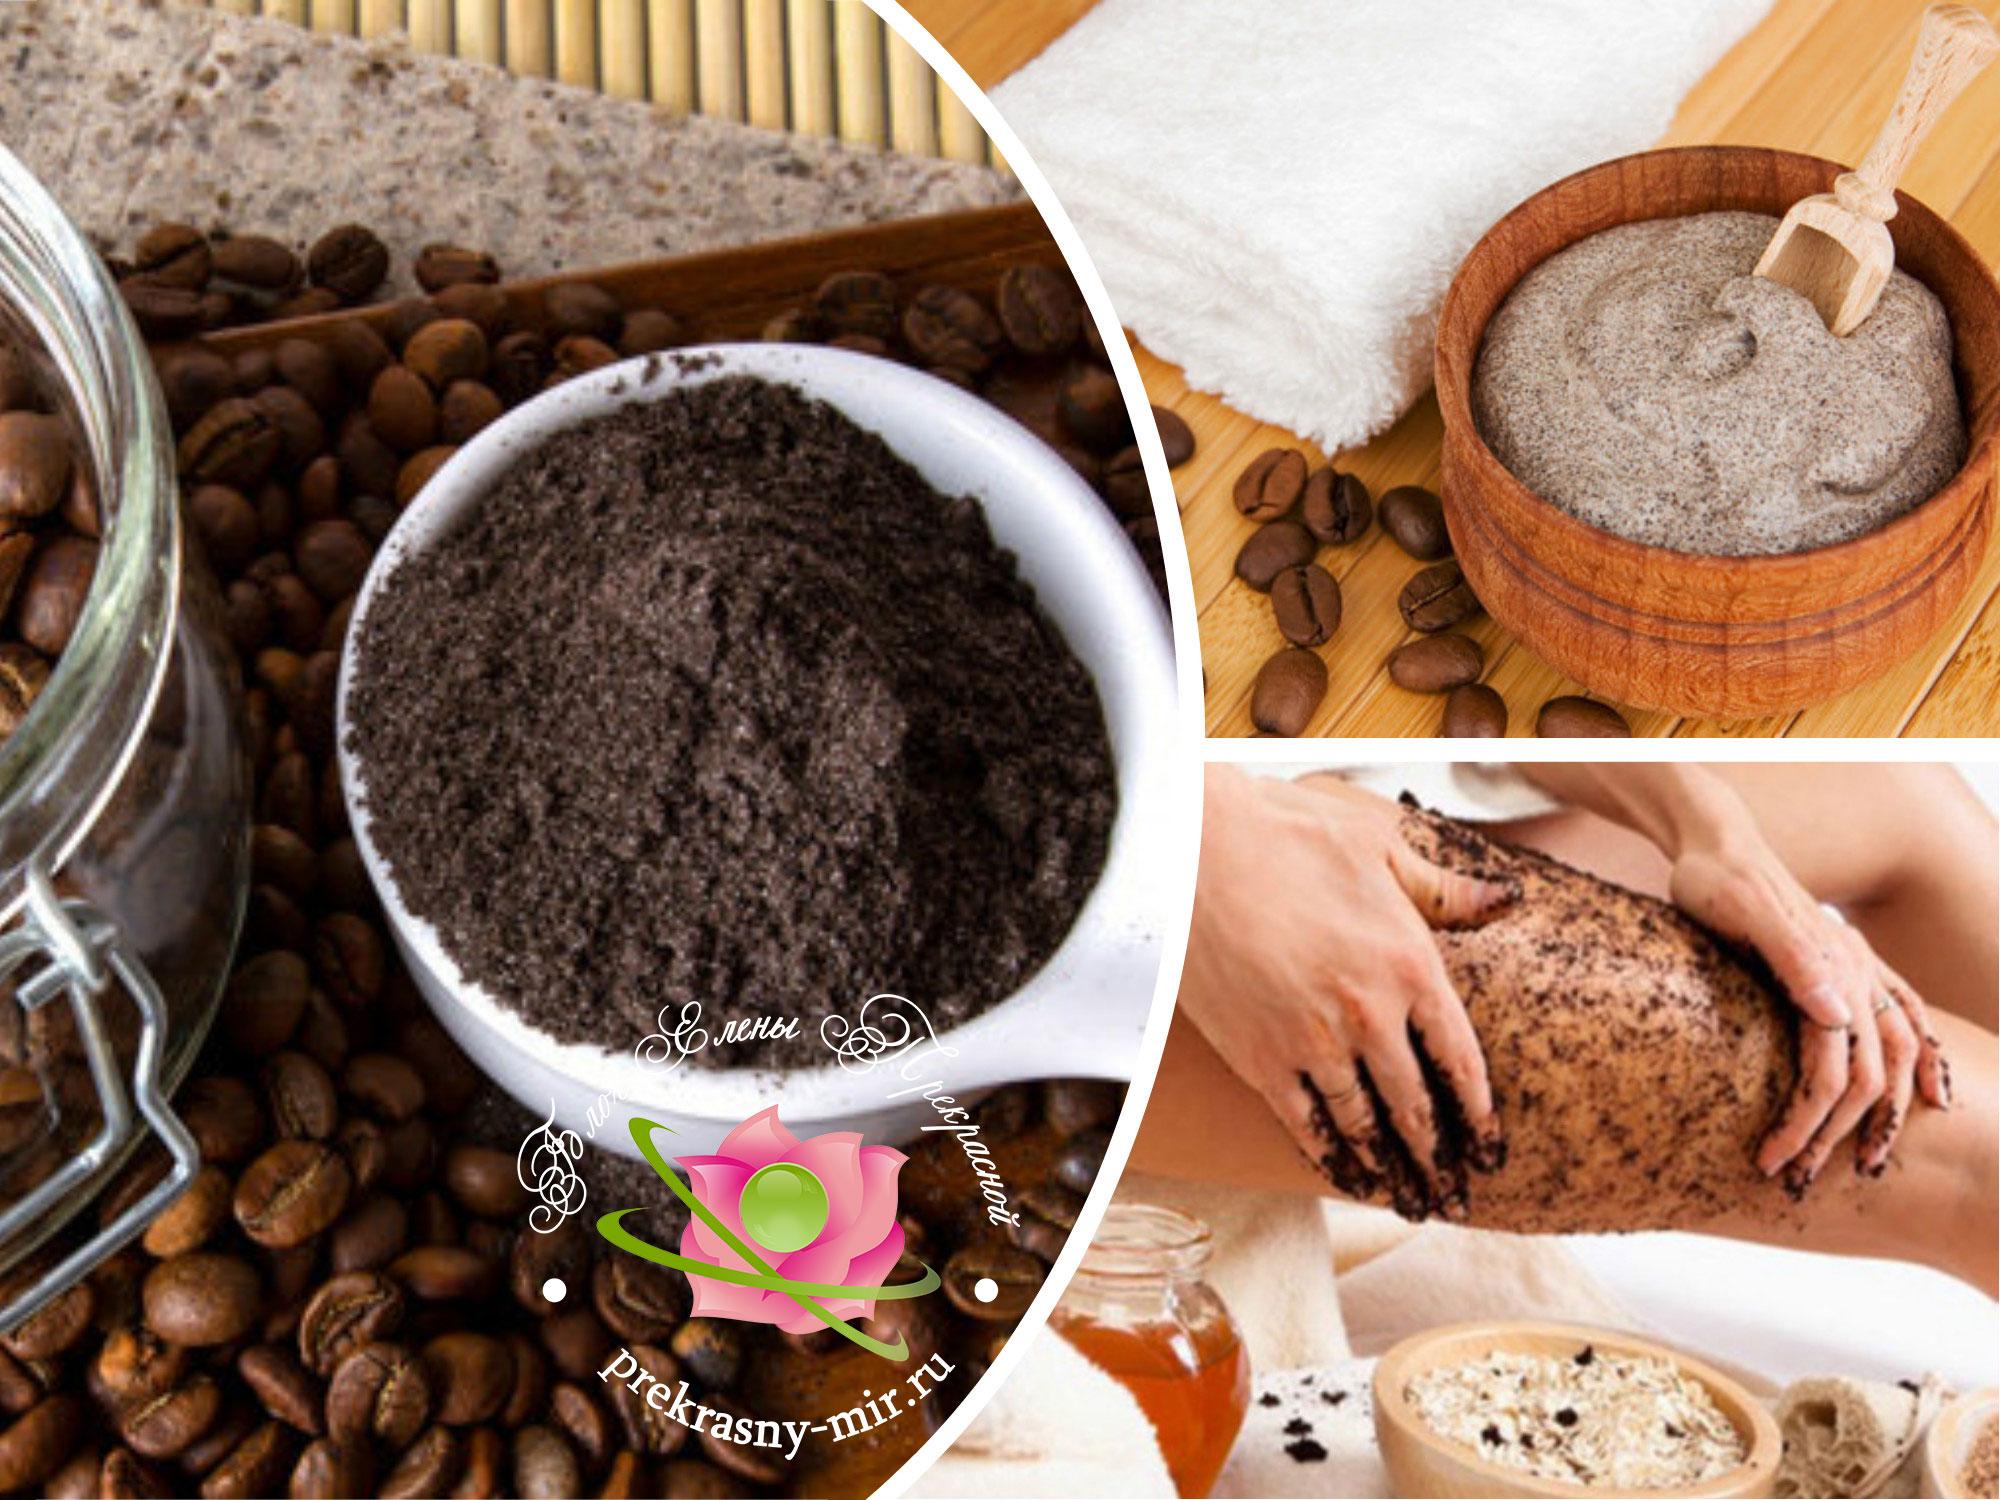 Как сделать скраб дома с кофе и 882